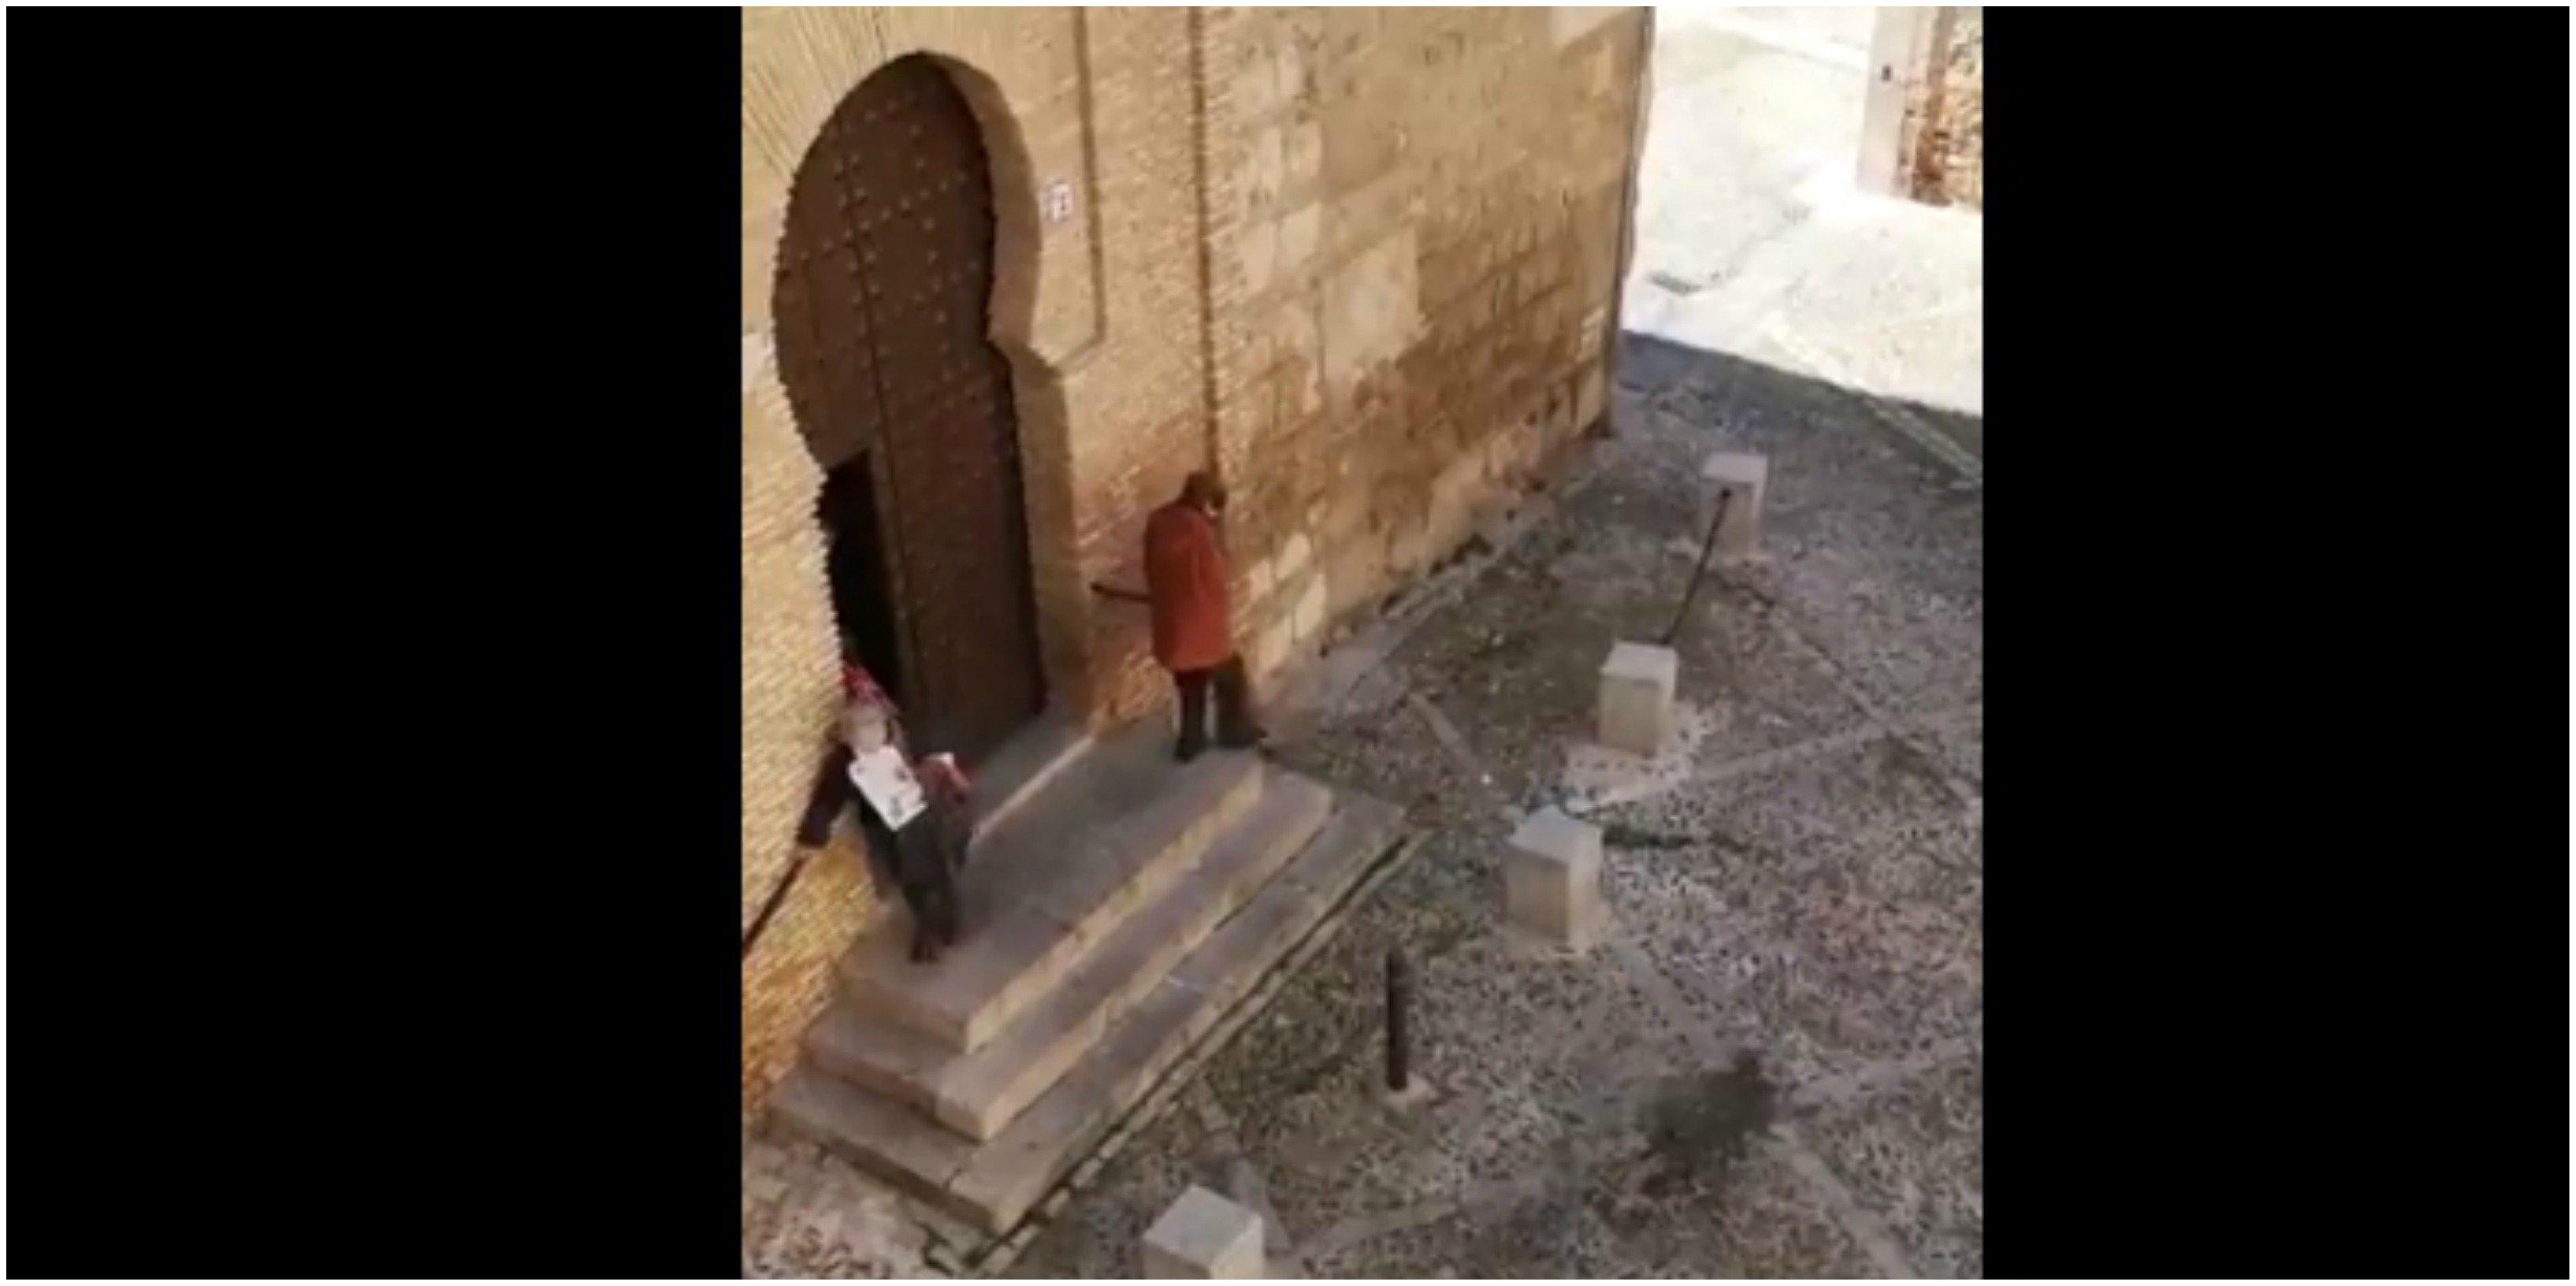 Coronavirus. Histeria de chivatos: Una vecina de Toledo reprende a unas ancianas por saltarse el confinamiento para ir a la iglesia